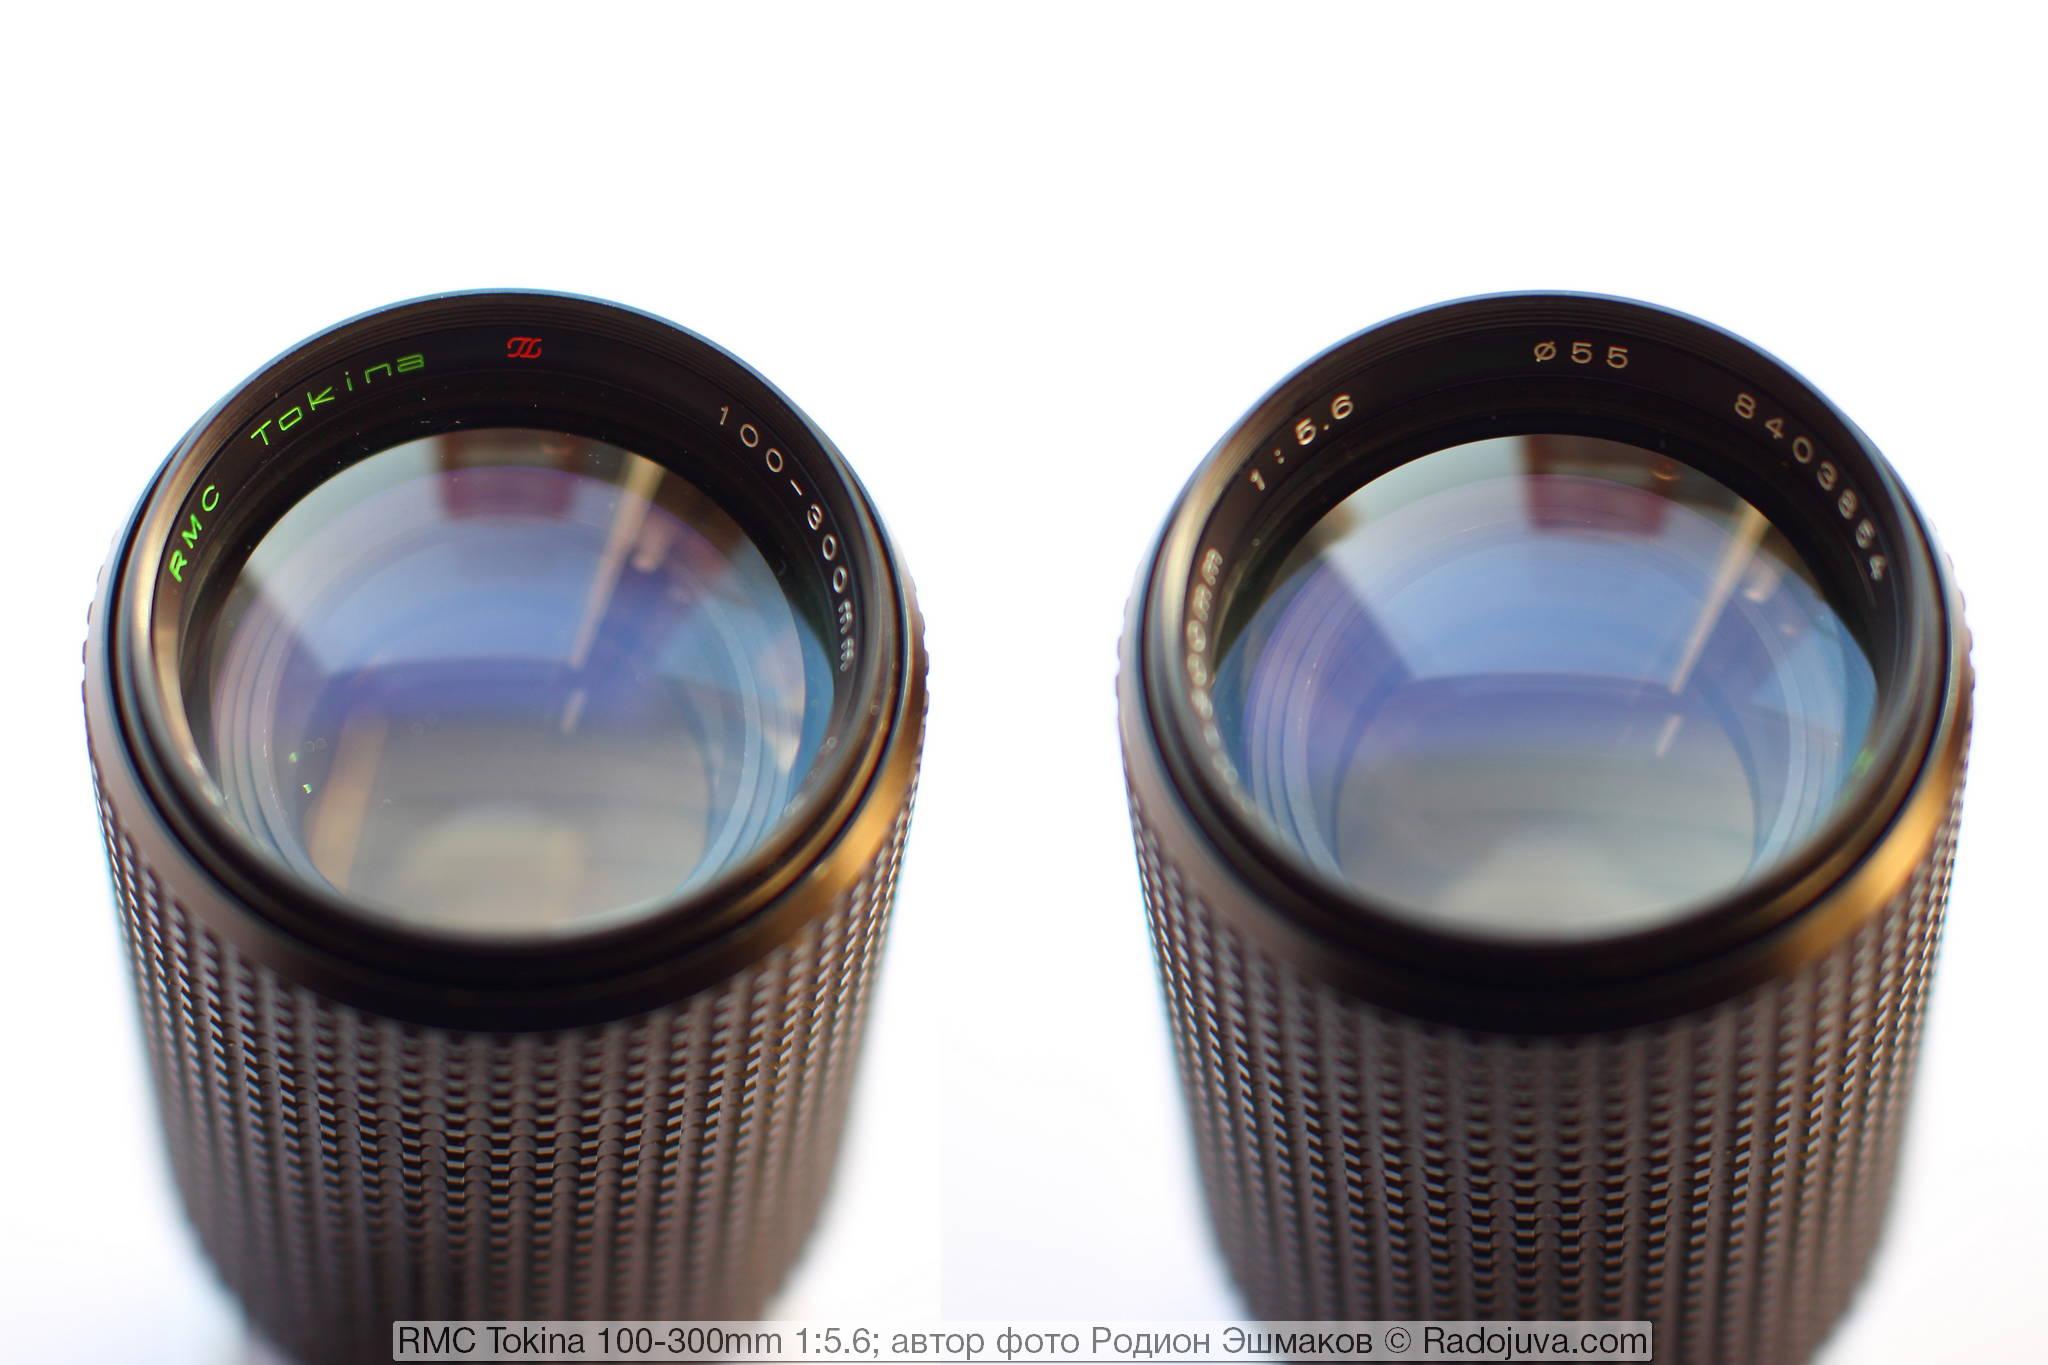 Вид на переднюю часть объектива